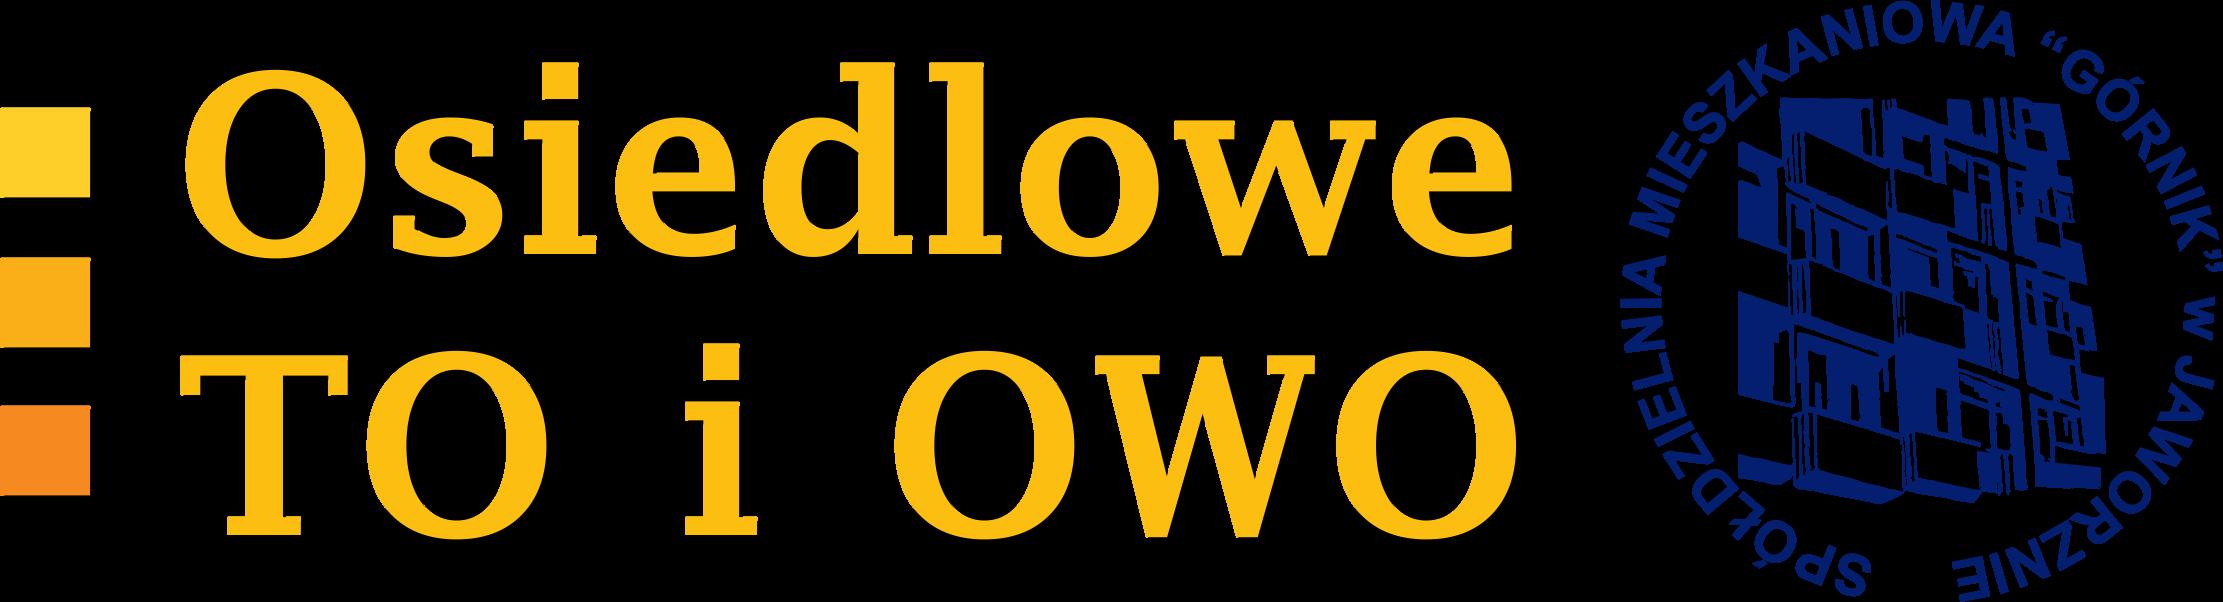 Osiedlowe To i Owo